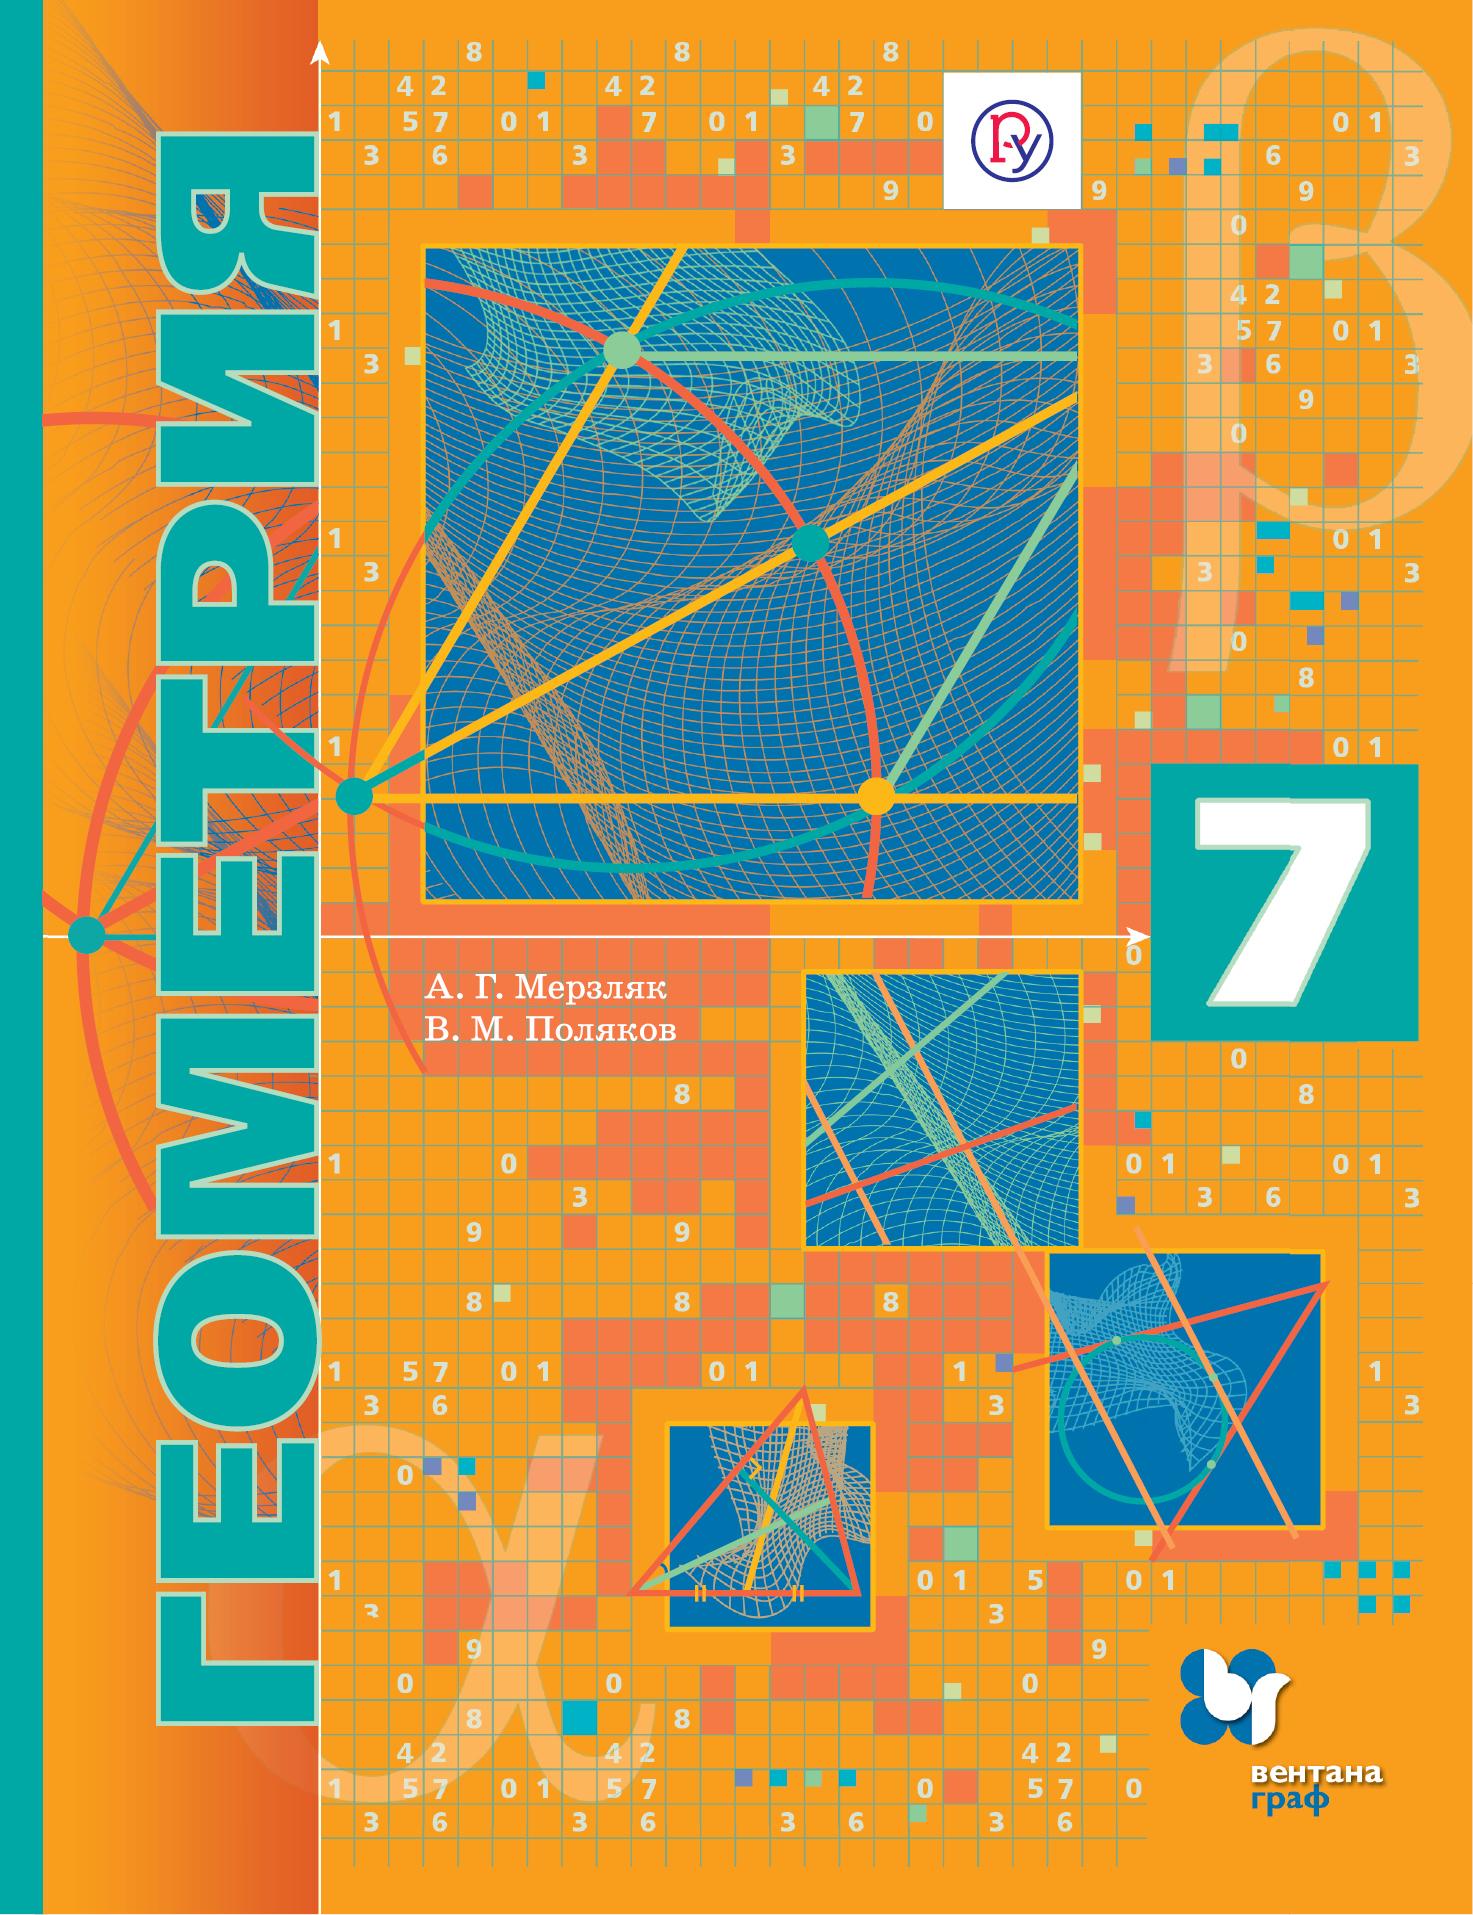 Мерзляк А.Г., Поляков В.М. Геометрия (углубленное изучение). 7 класс. Учебник. цена